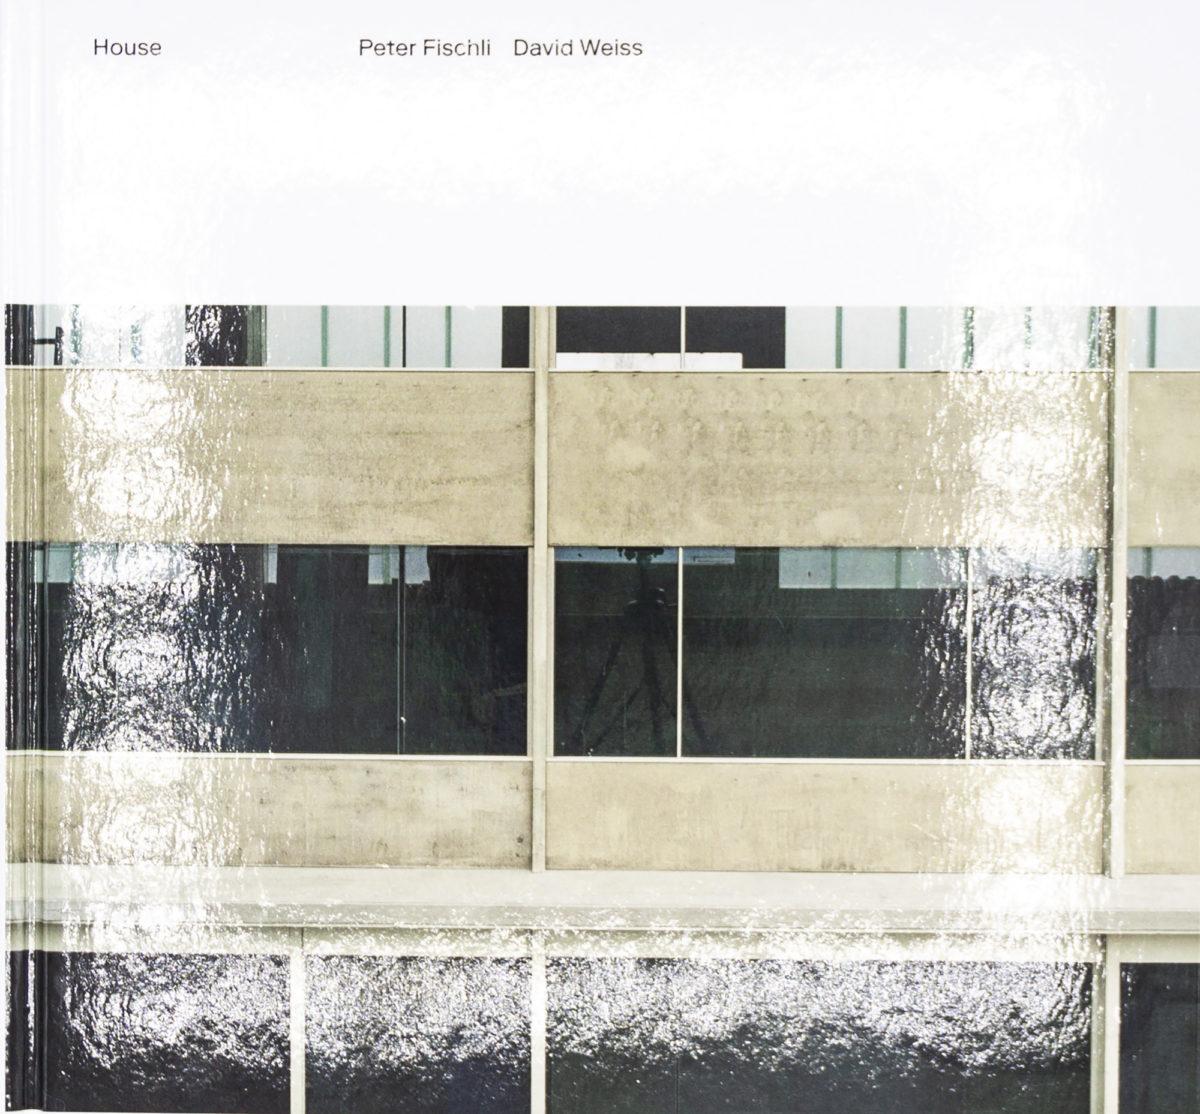 Peter Fischli, David Weiss, House